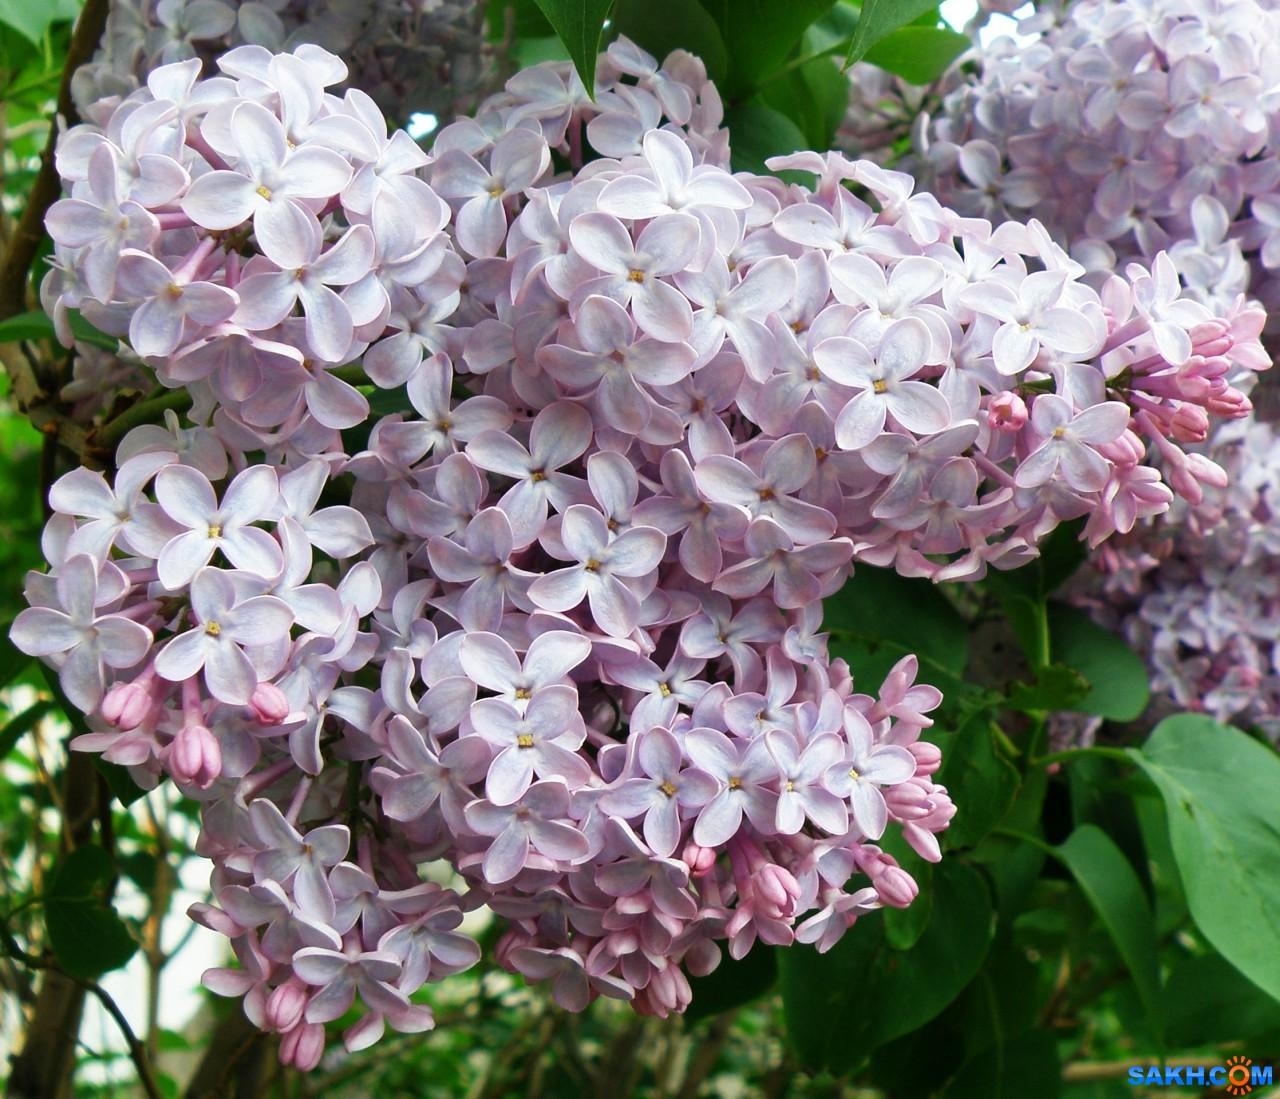 tasya: Сирень вся в цвету